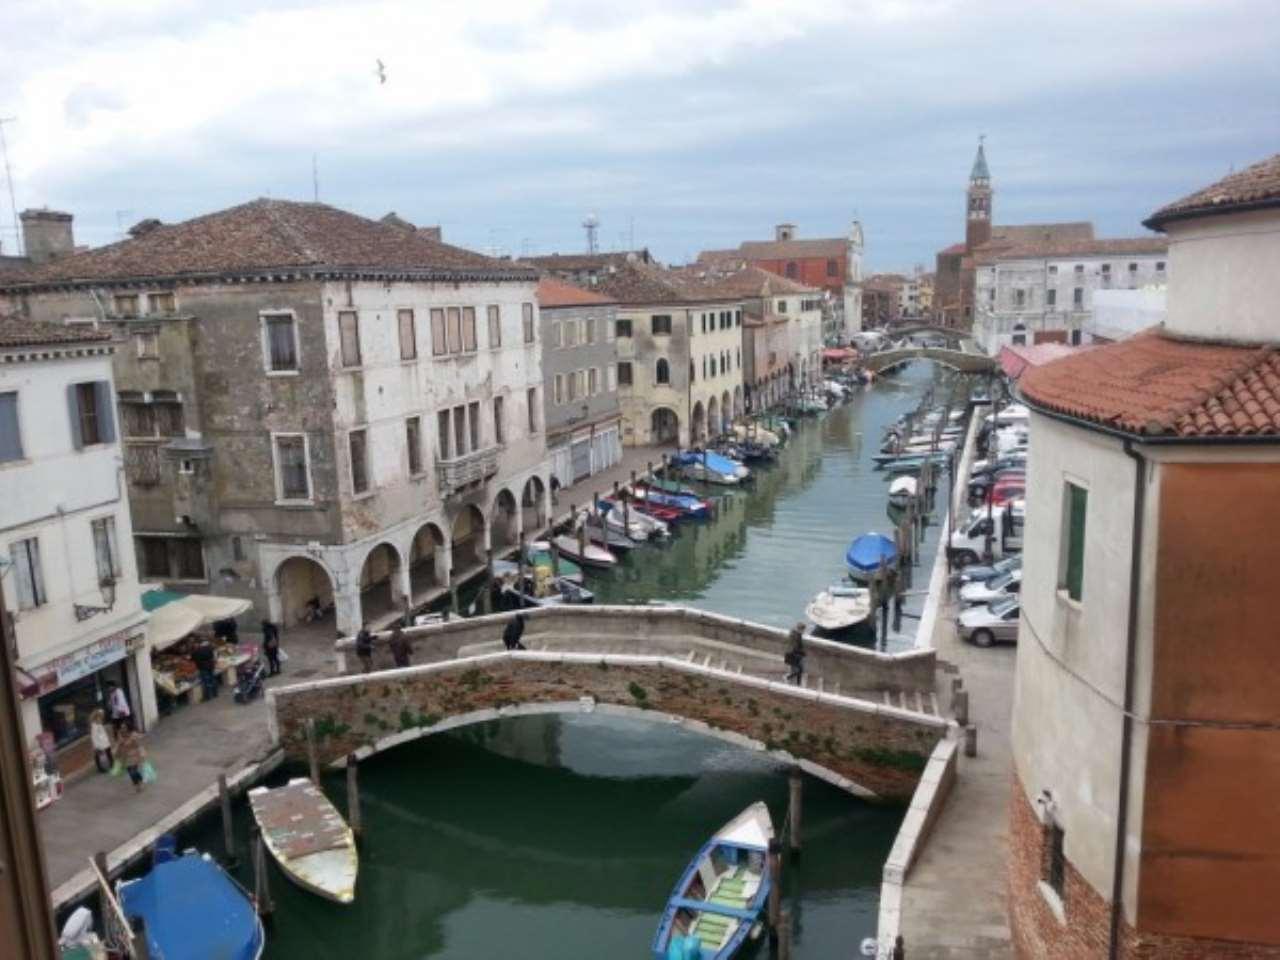 Attico / Mansarda in vendita a Chioggia, 6 locali, Trattative riservate | Cambio Casa.it